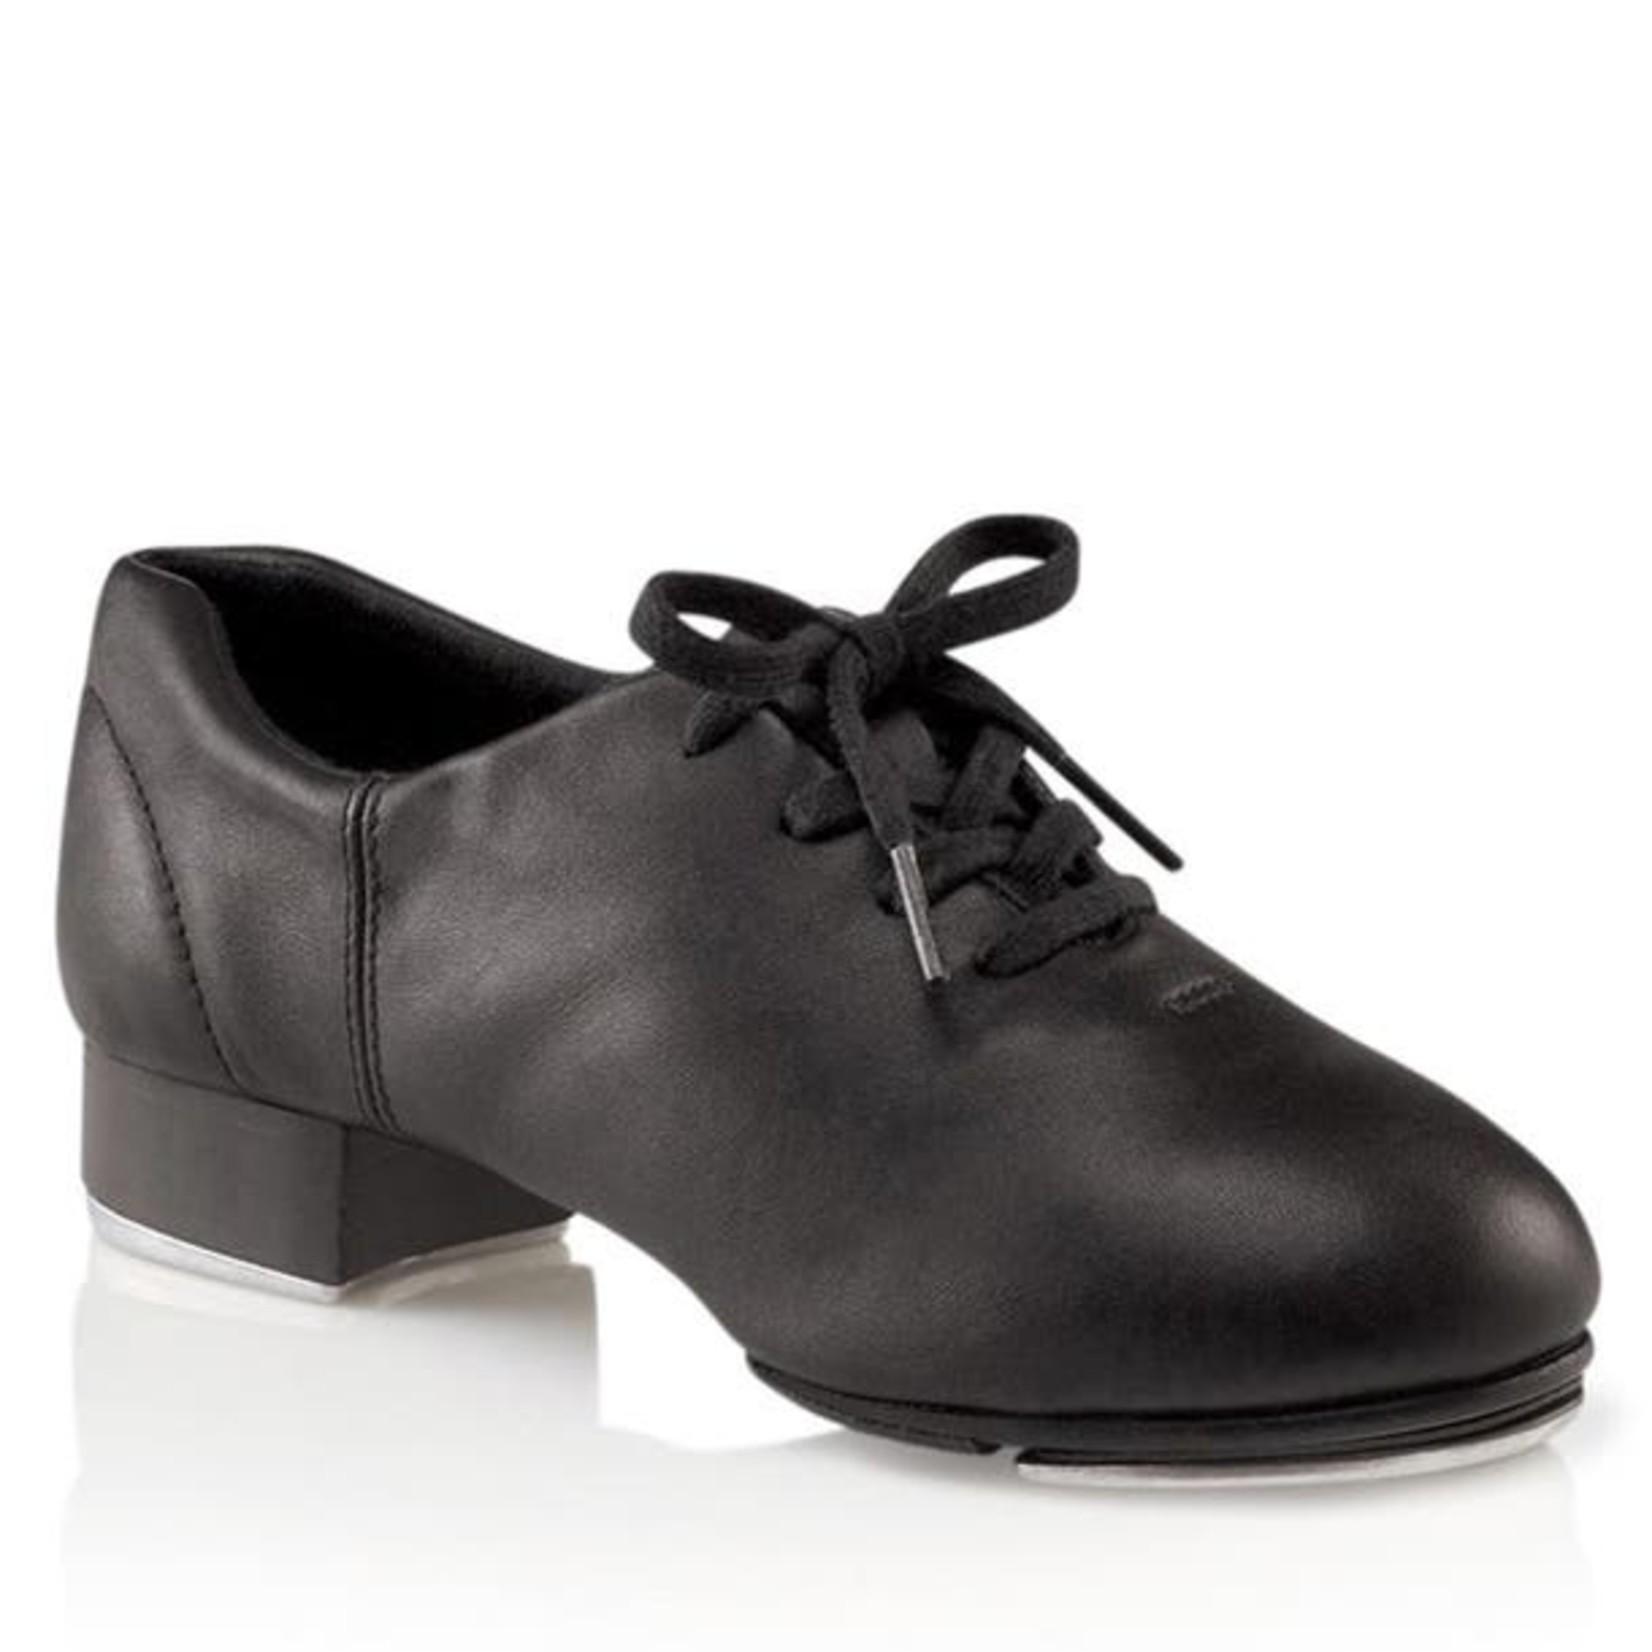 Capezio Capezio CG16 Flex Mastr Tap Shoe